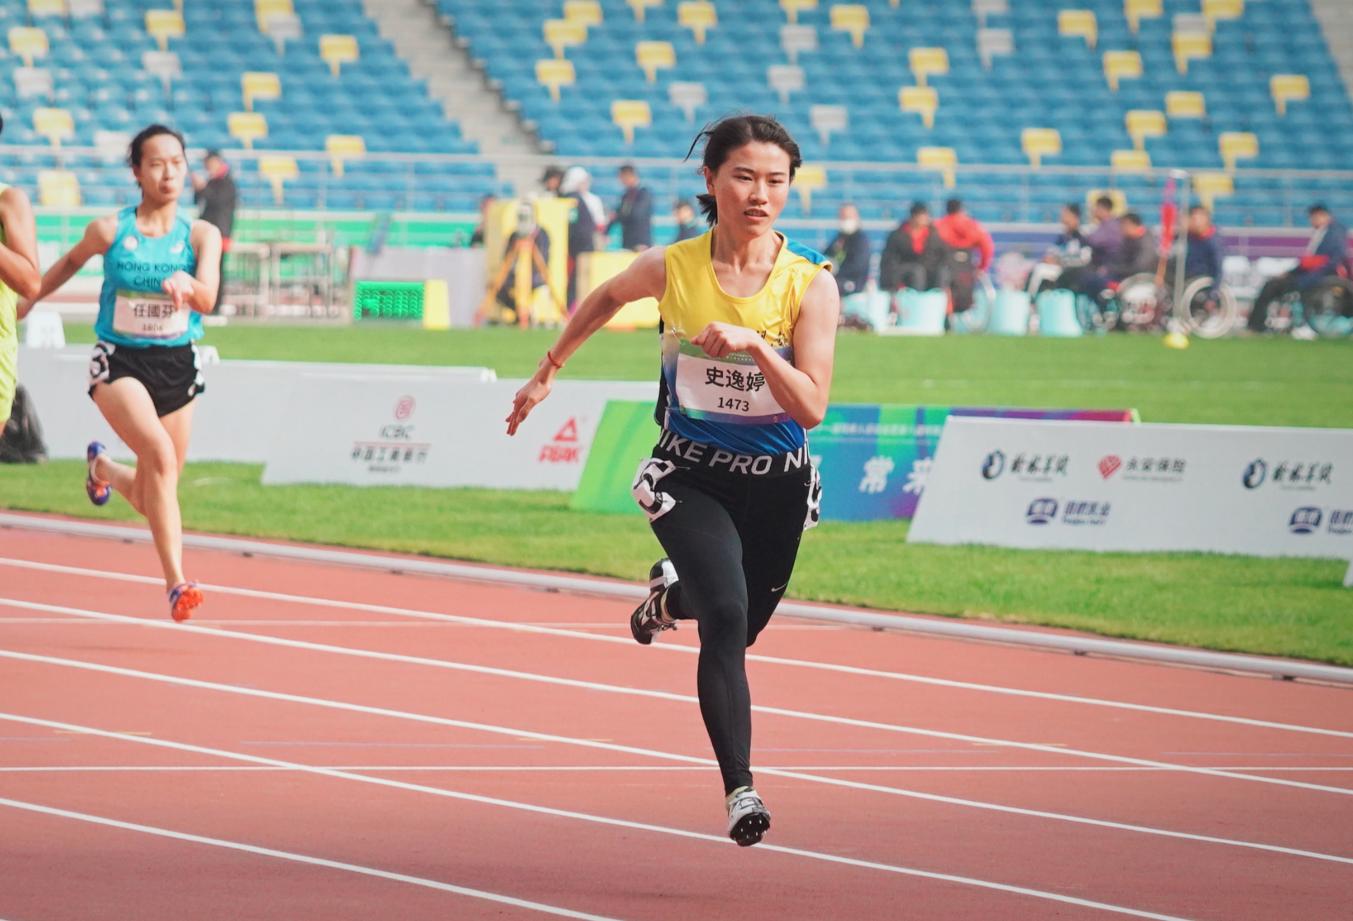 直击残特奥丨突破30金!湖南代表团在田径赛场单日夺7金3银2铜